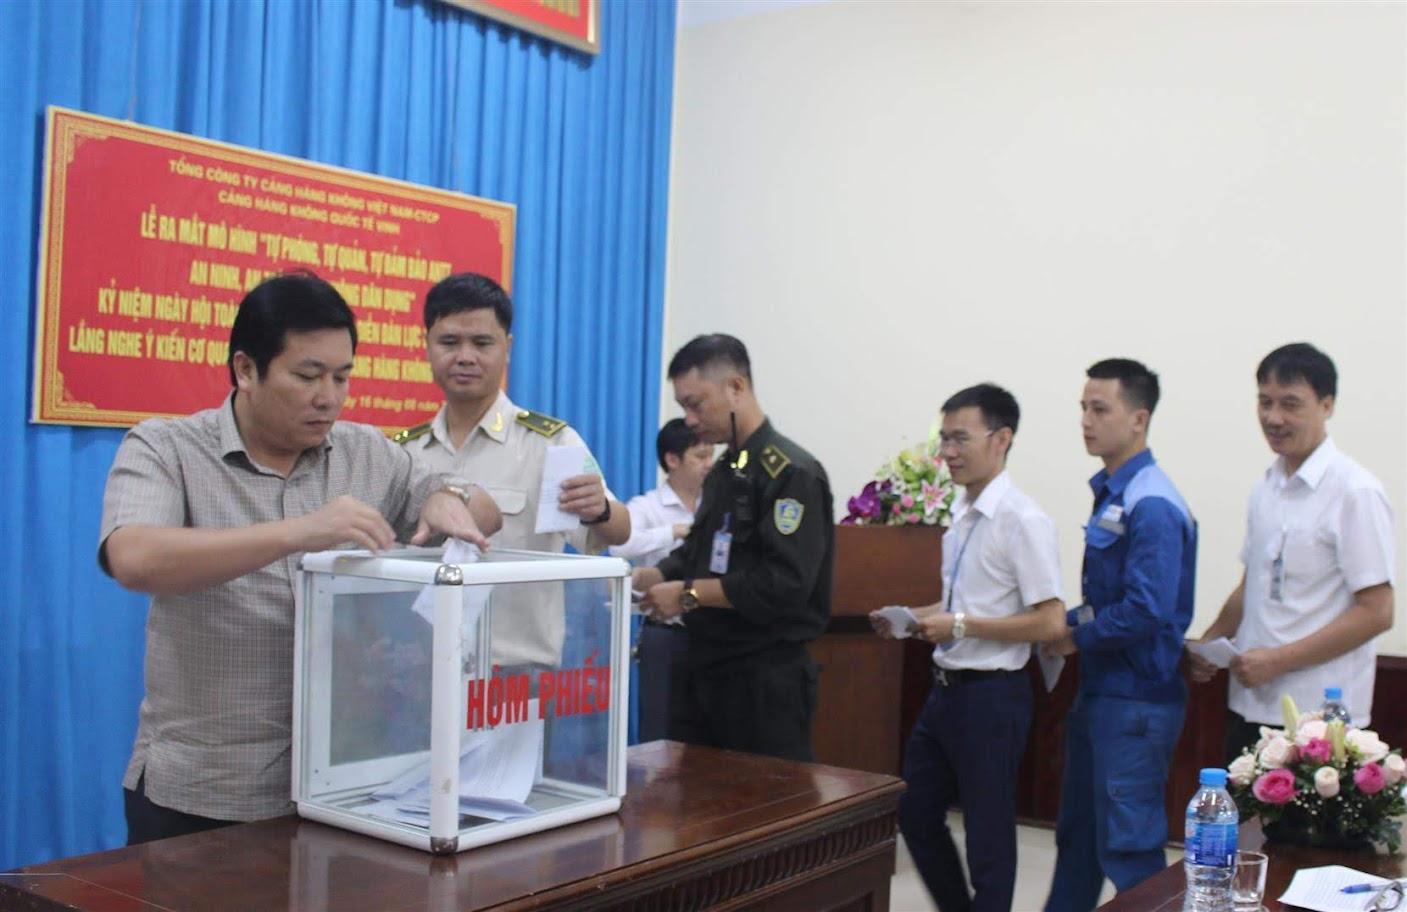 Cán bộ công nhân viên Cảng hàng không quốc tế Vinh bỏ phiếu tại Diễn đàn ANKT lắng nghe ý kiến nhân dân